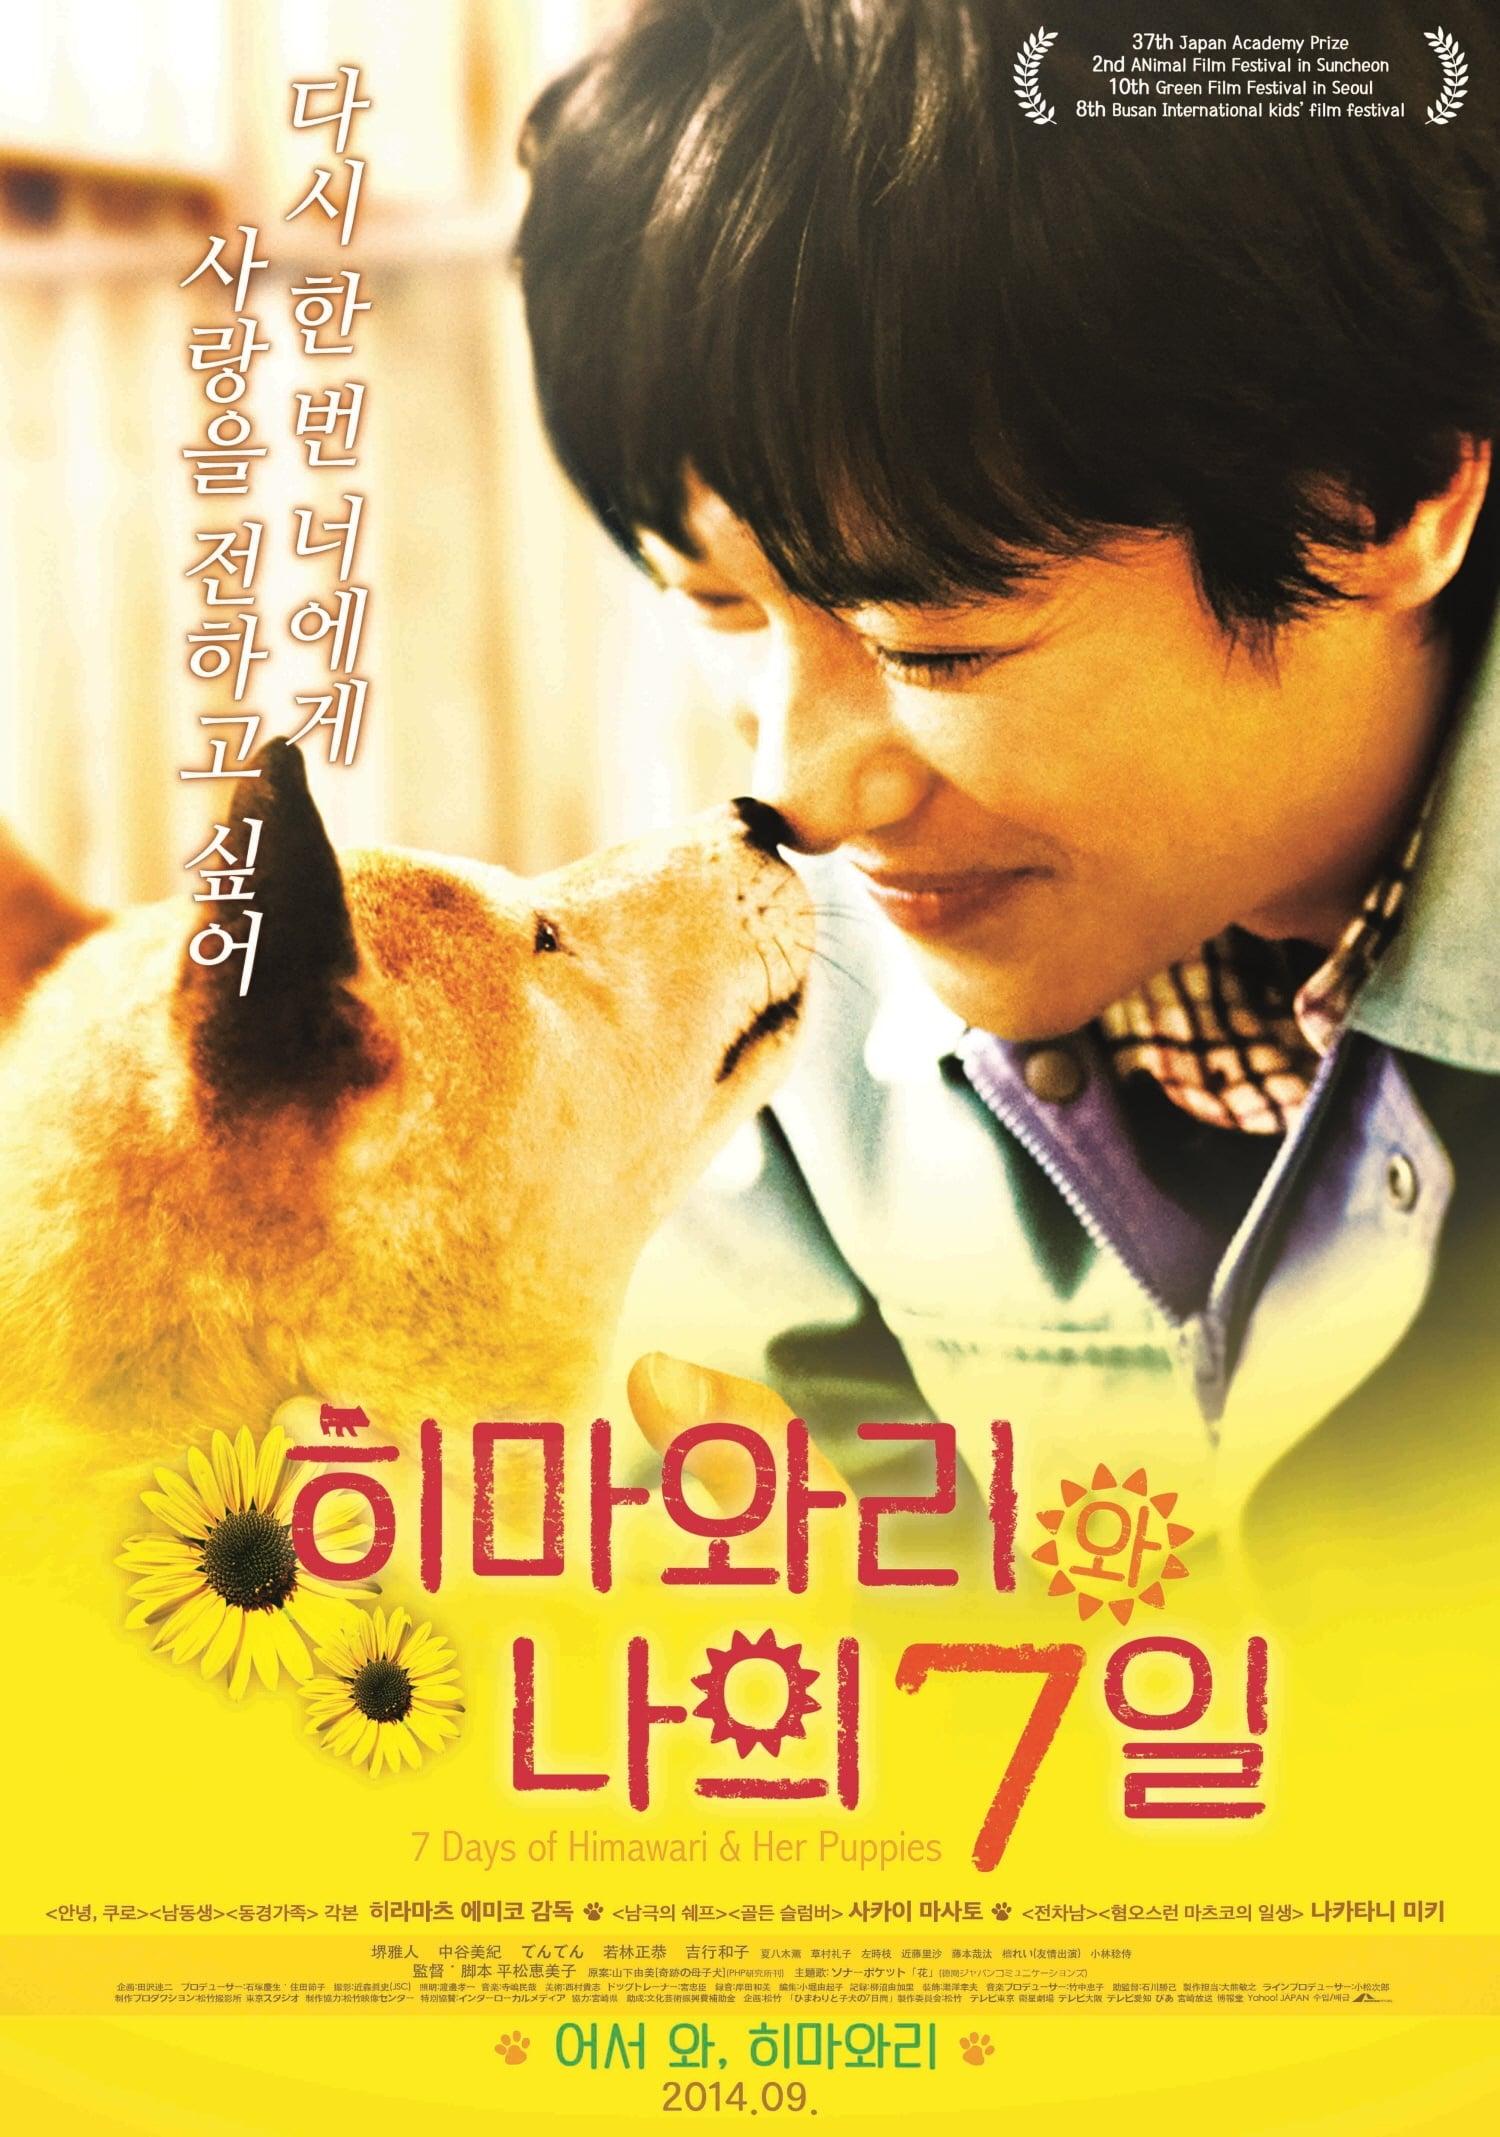 7 Days of Himawari & Her Puppies